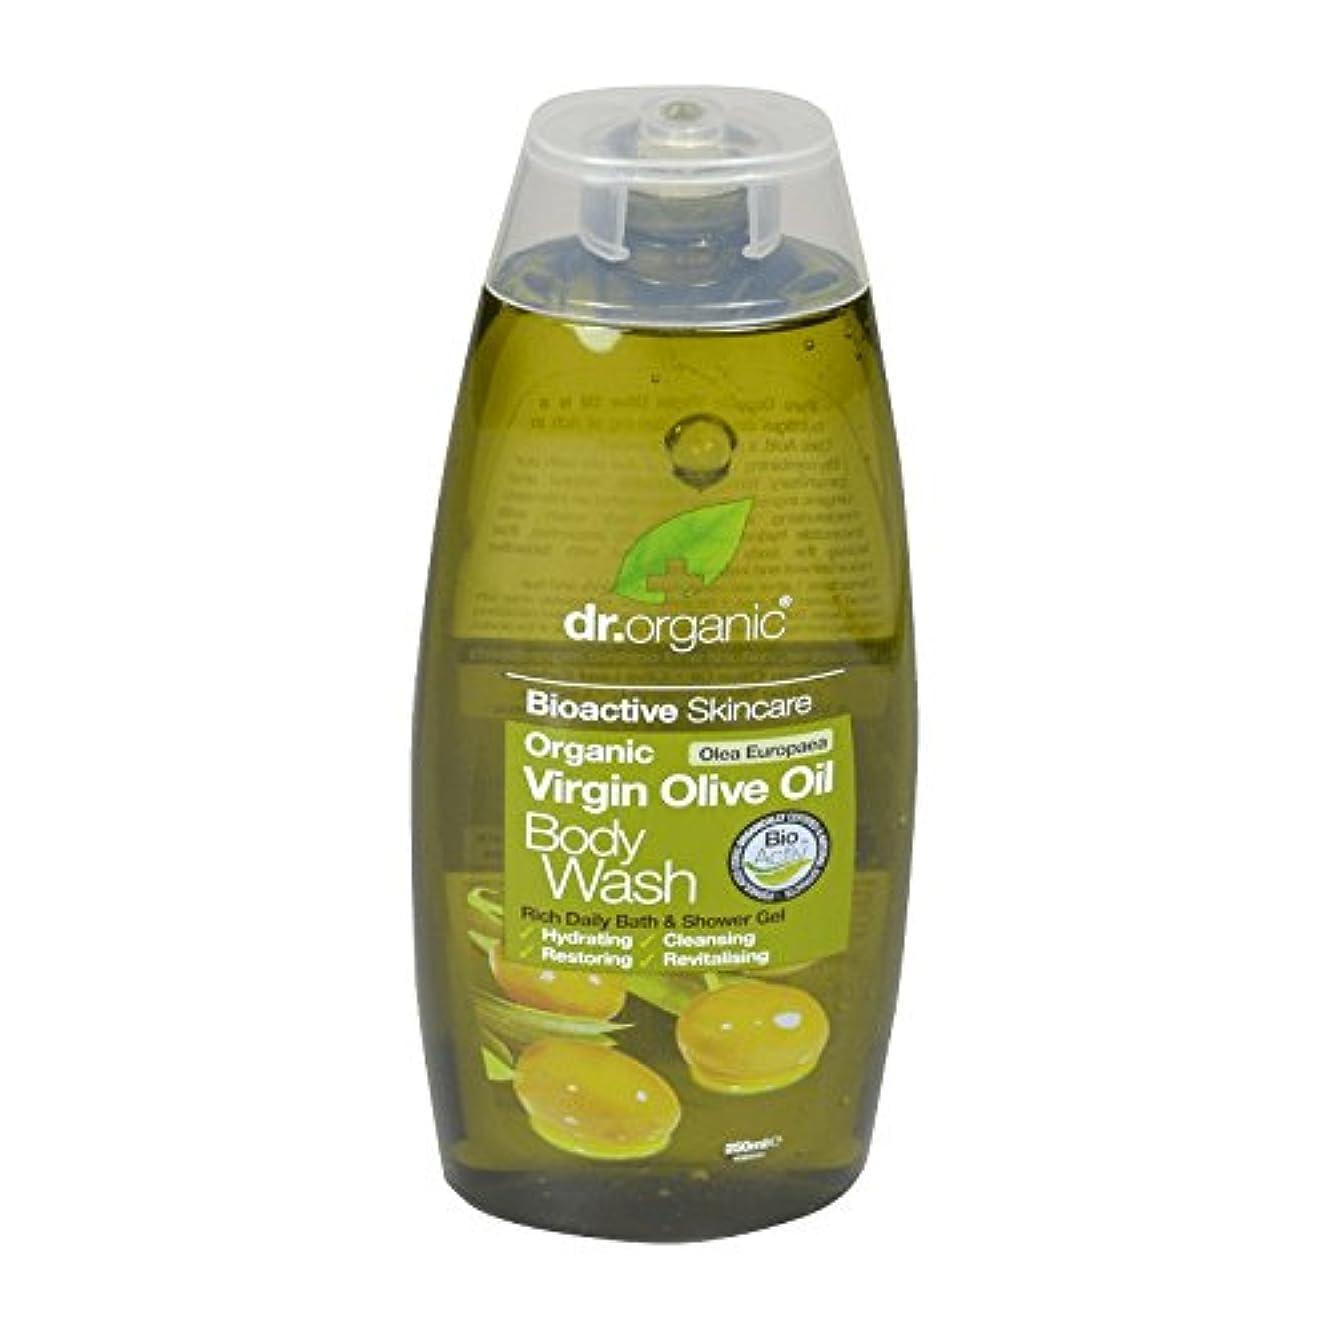 軍連邦ベイビーDr有機バージンオリーブオイルボディウォッシュ - Dr Organic Virgin Olive Oil Body Wash (Dr Organic) [並行輸入品]